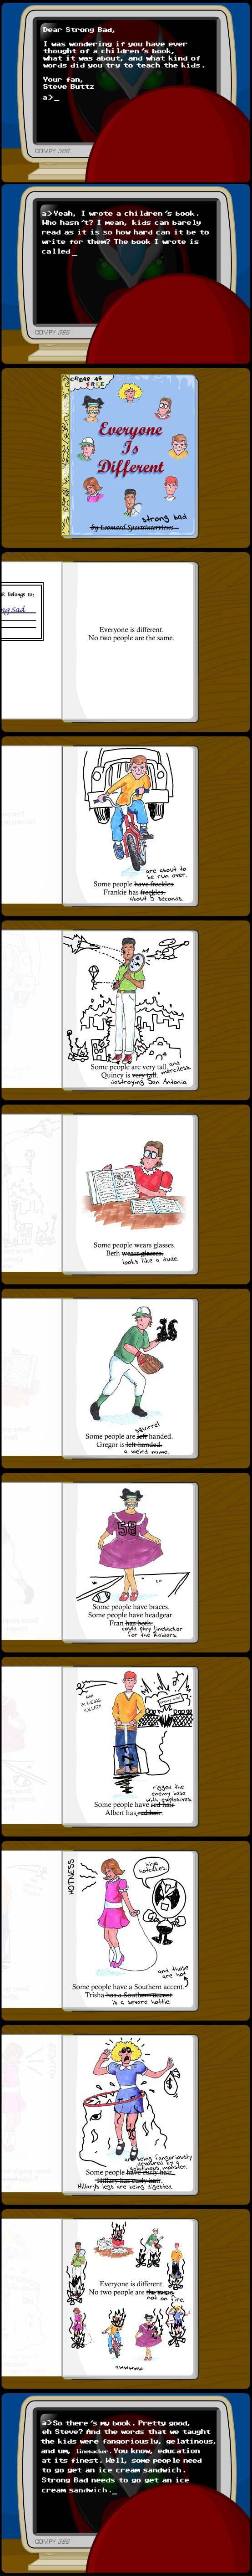 #84 Strong Bad Email: Kids Book (homestarrunner)